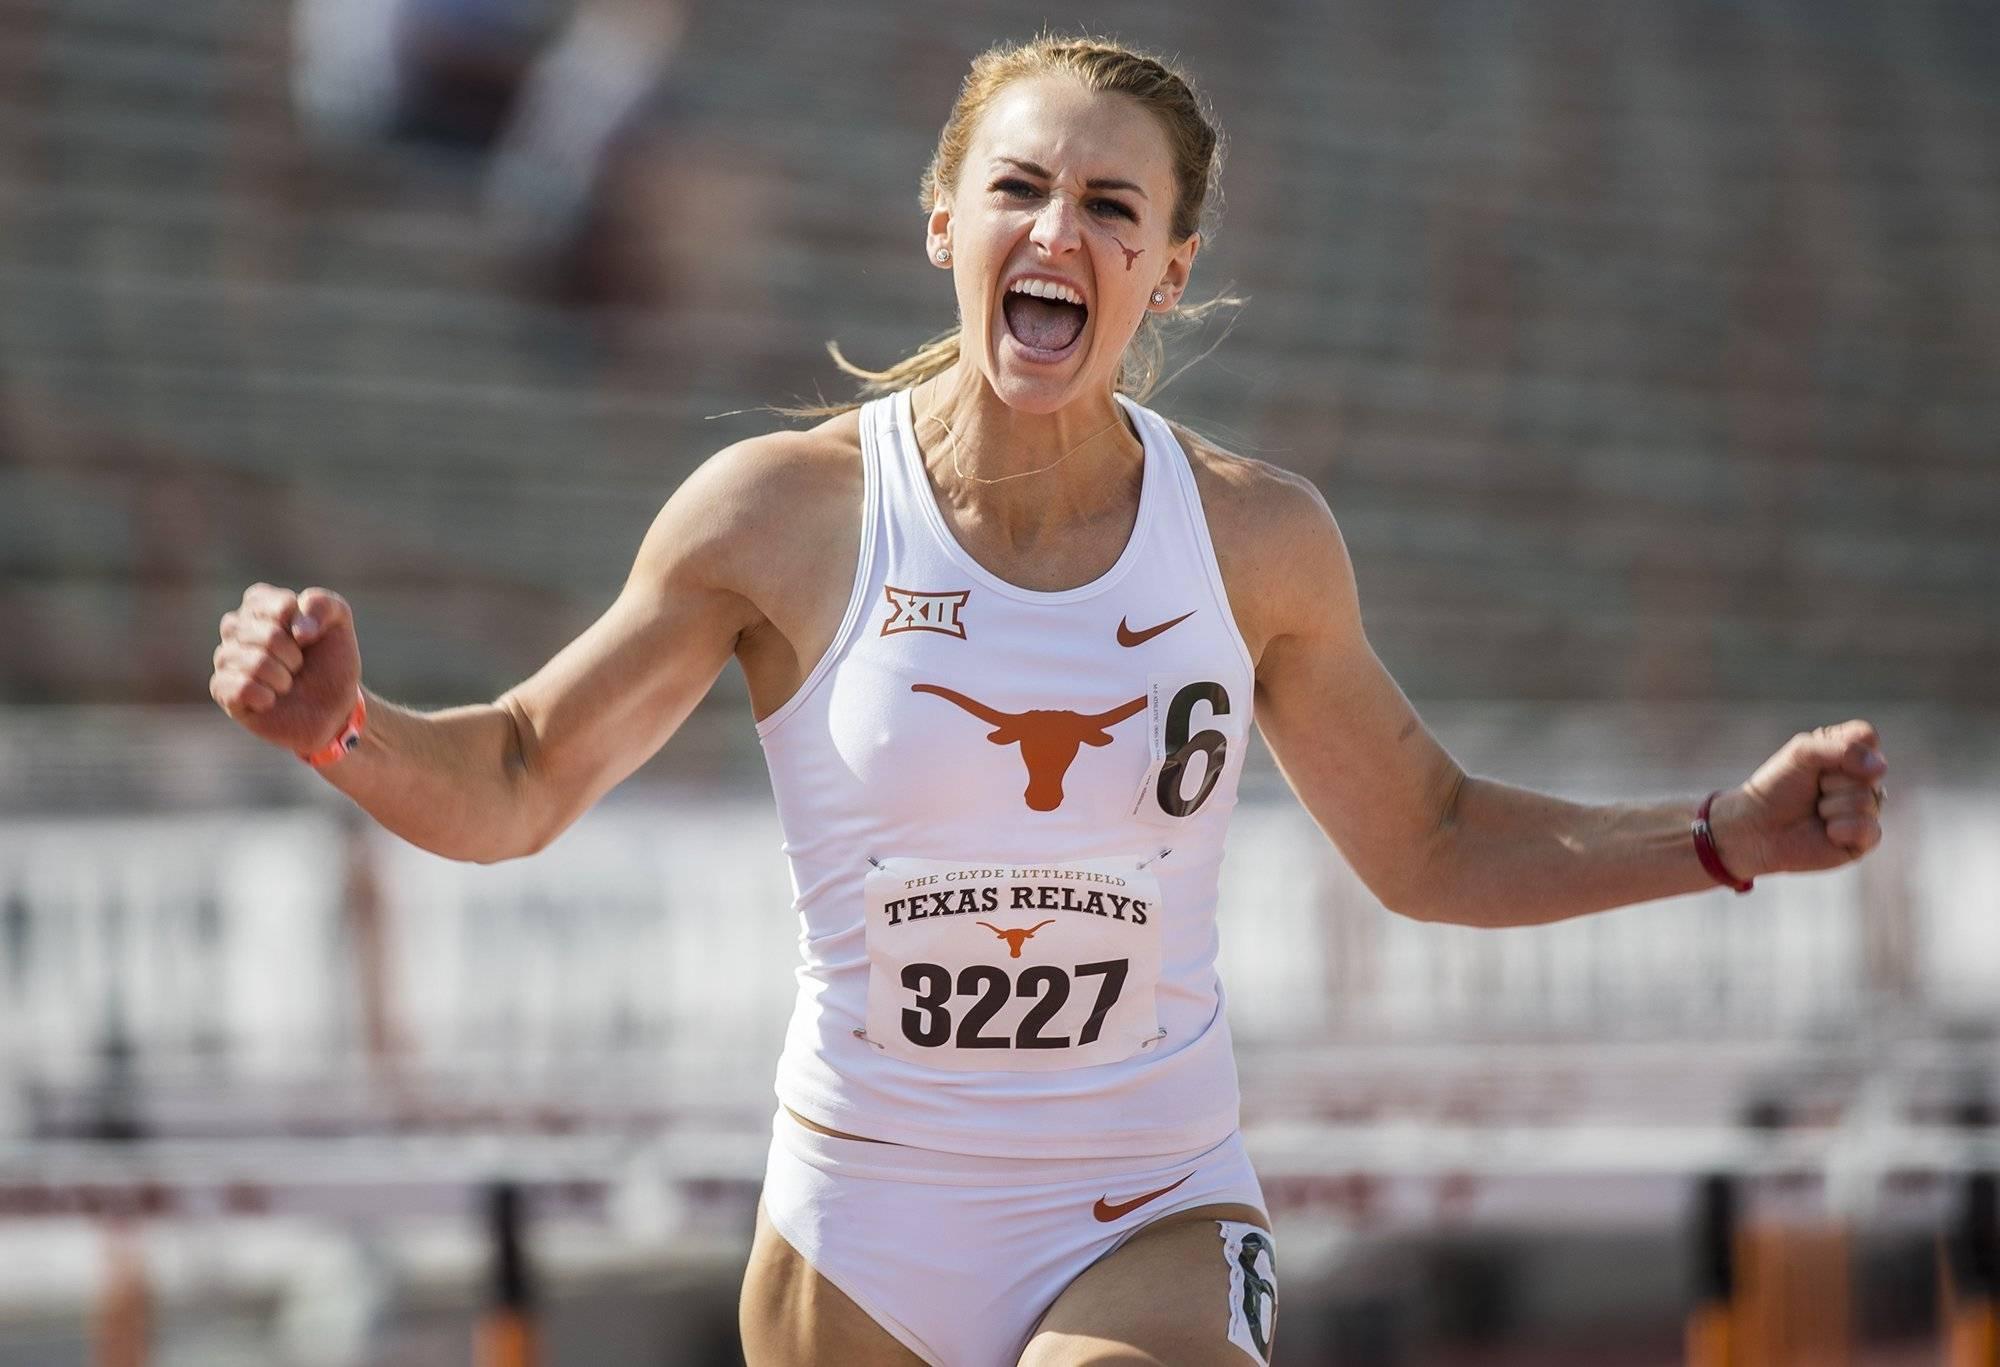 Texas' Ashtin Zamzow, Oklahoma's Kyler Murray honored as Big 12 Athletes of the Year